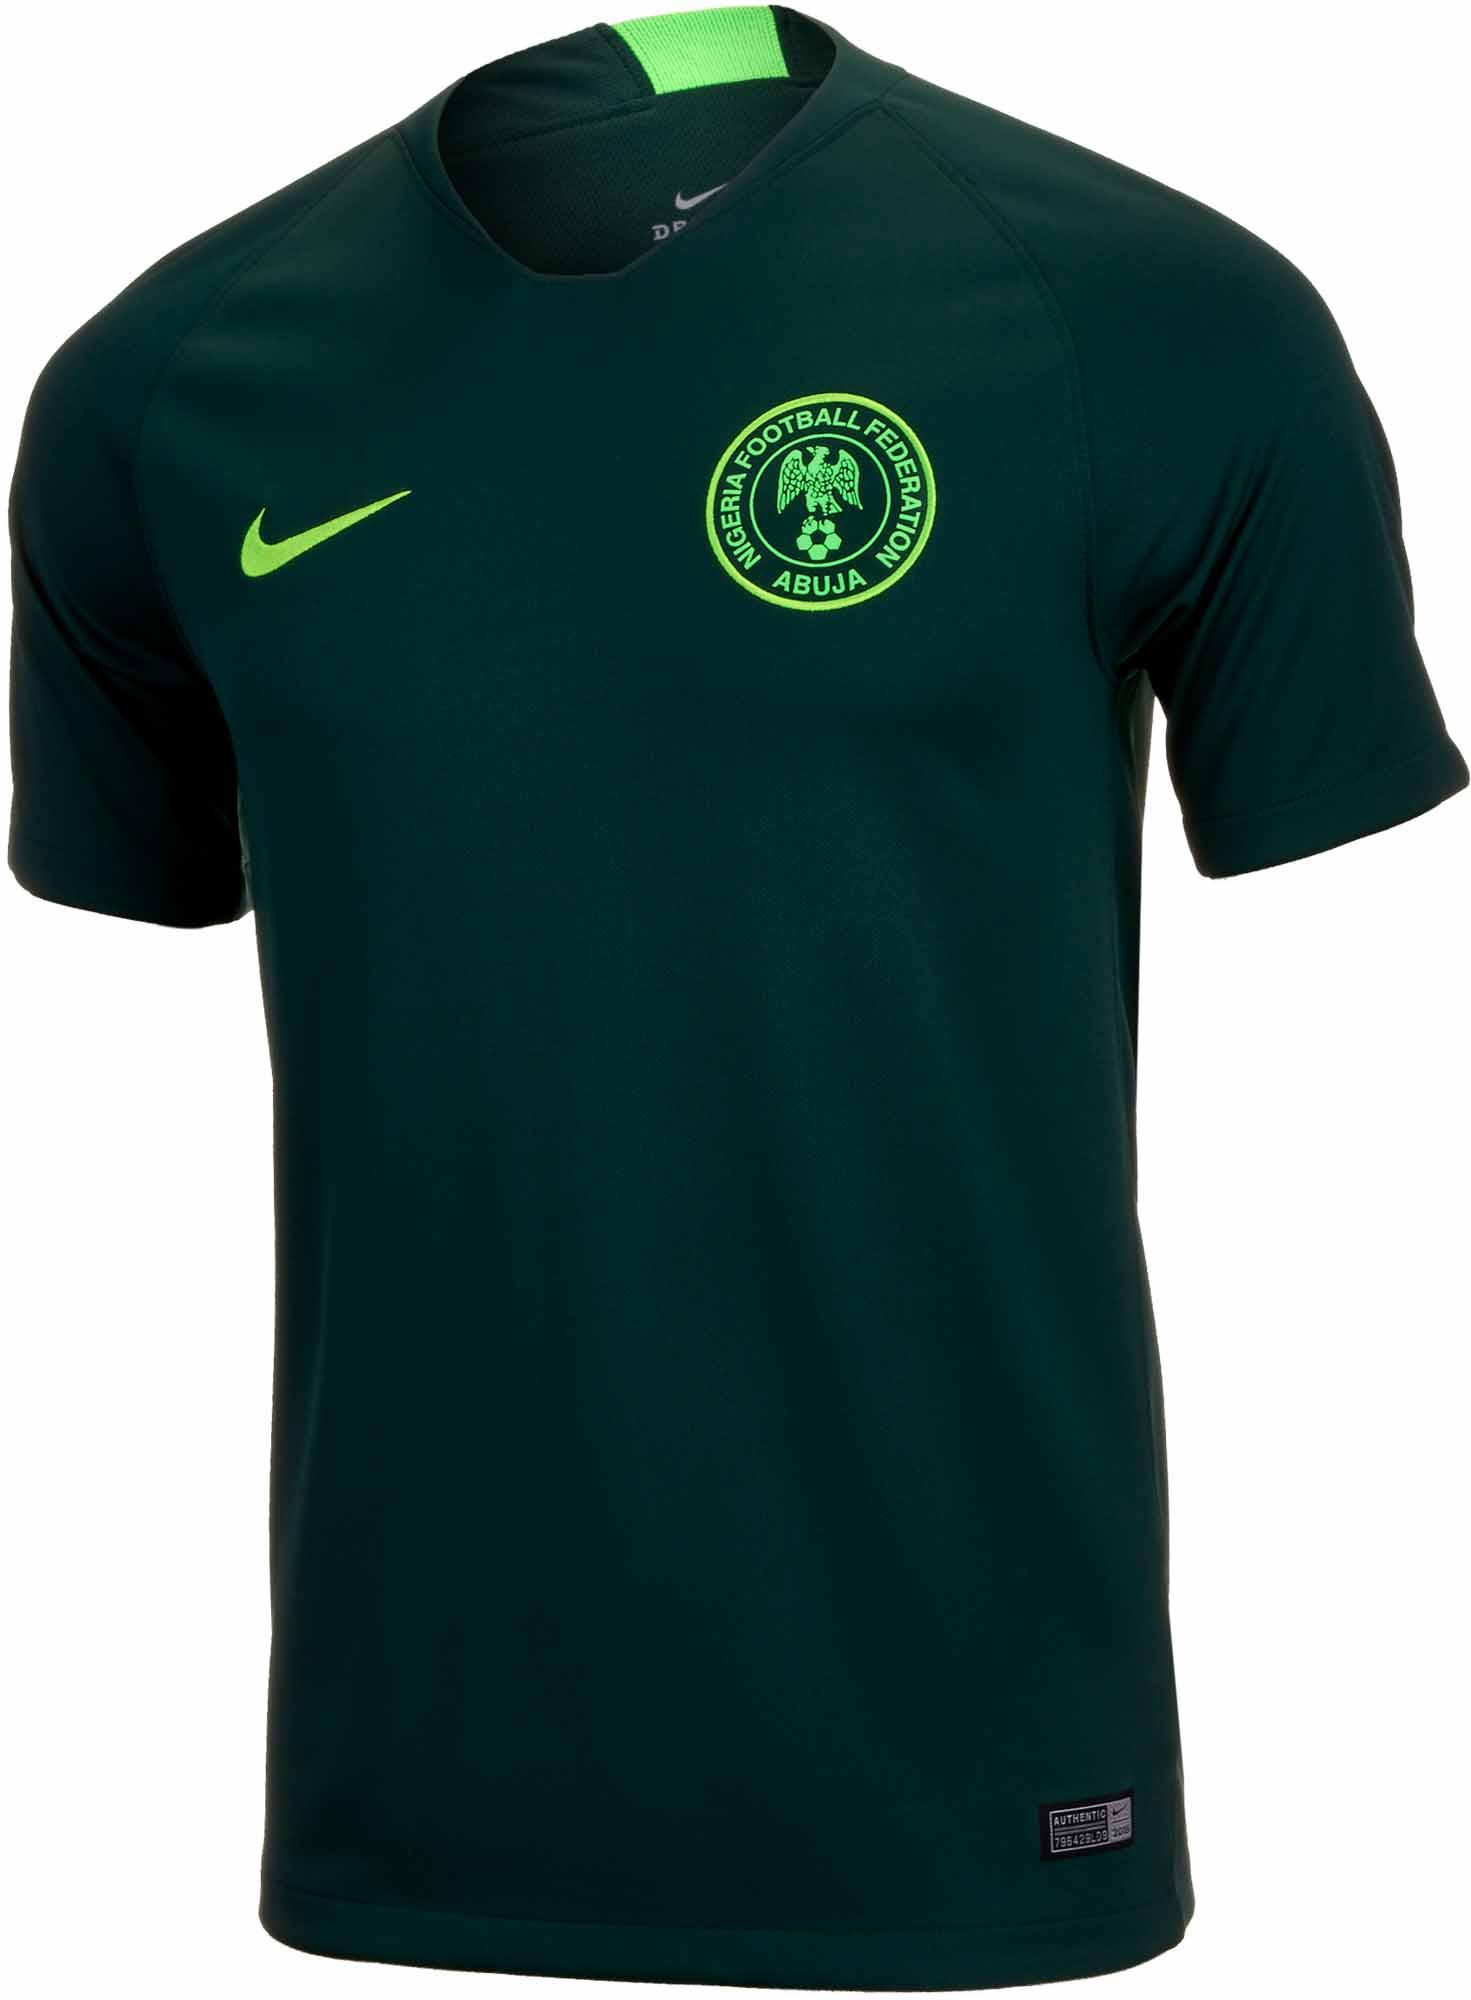 Nike Nigeria Away Jersey - Pro Green/Green Strike - SoccerPro